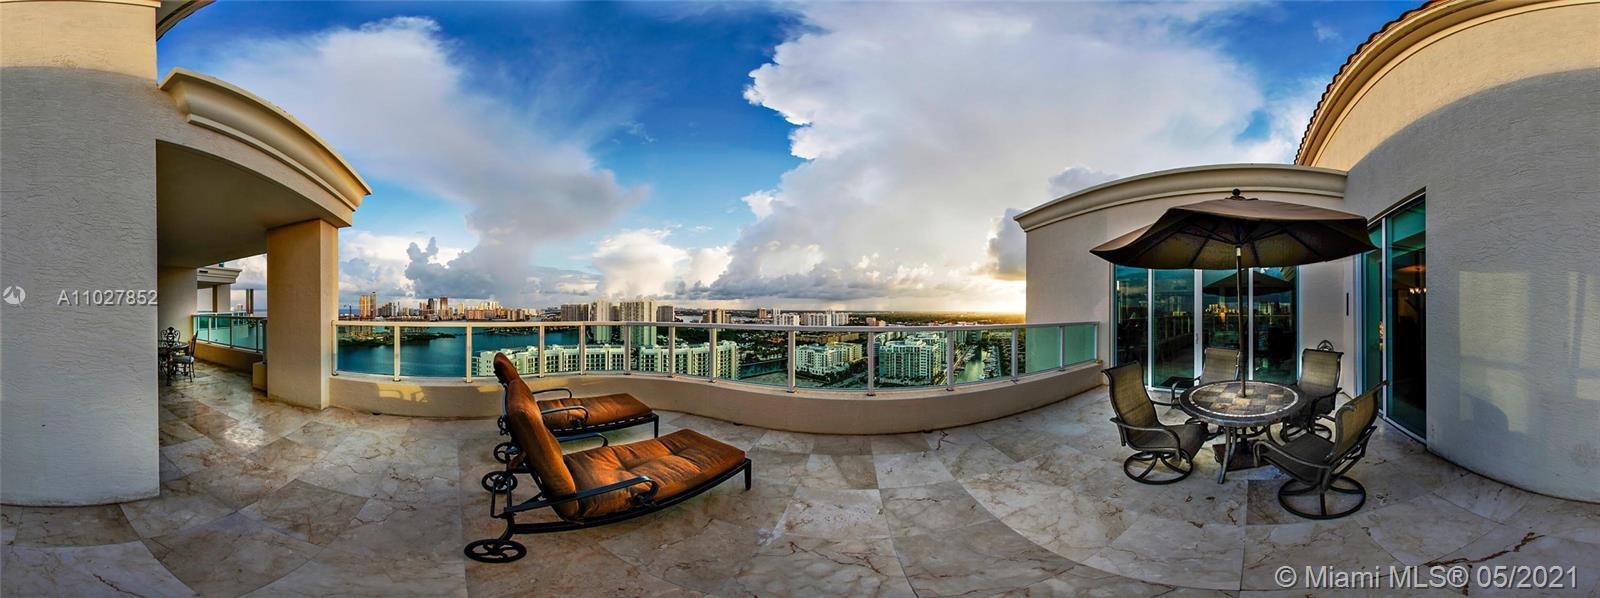 Avva Residences and Marina condos for sale